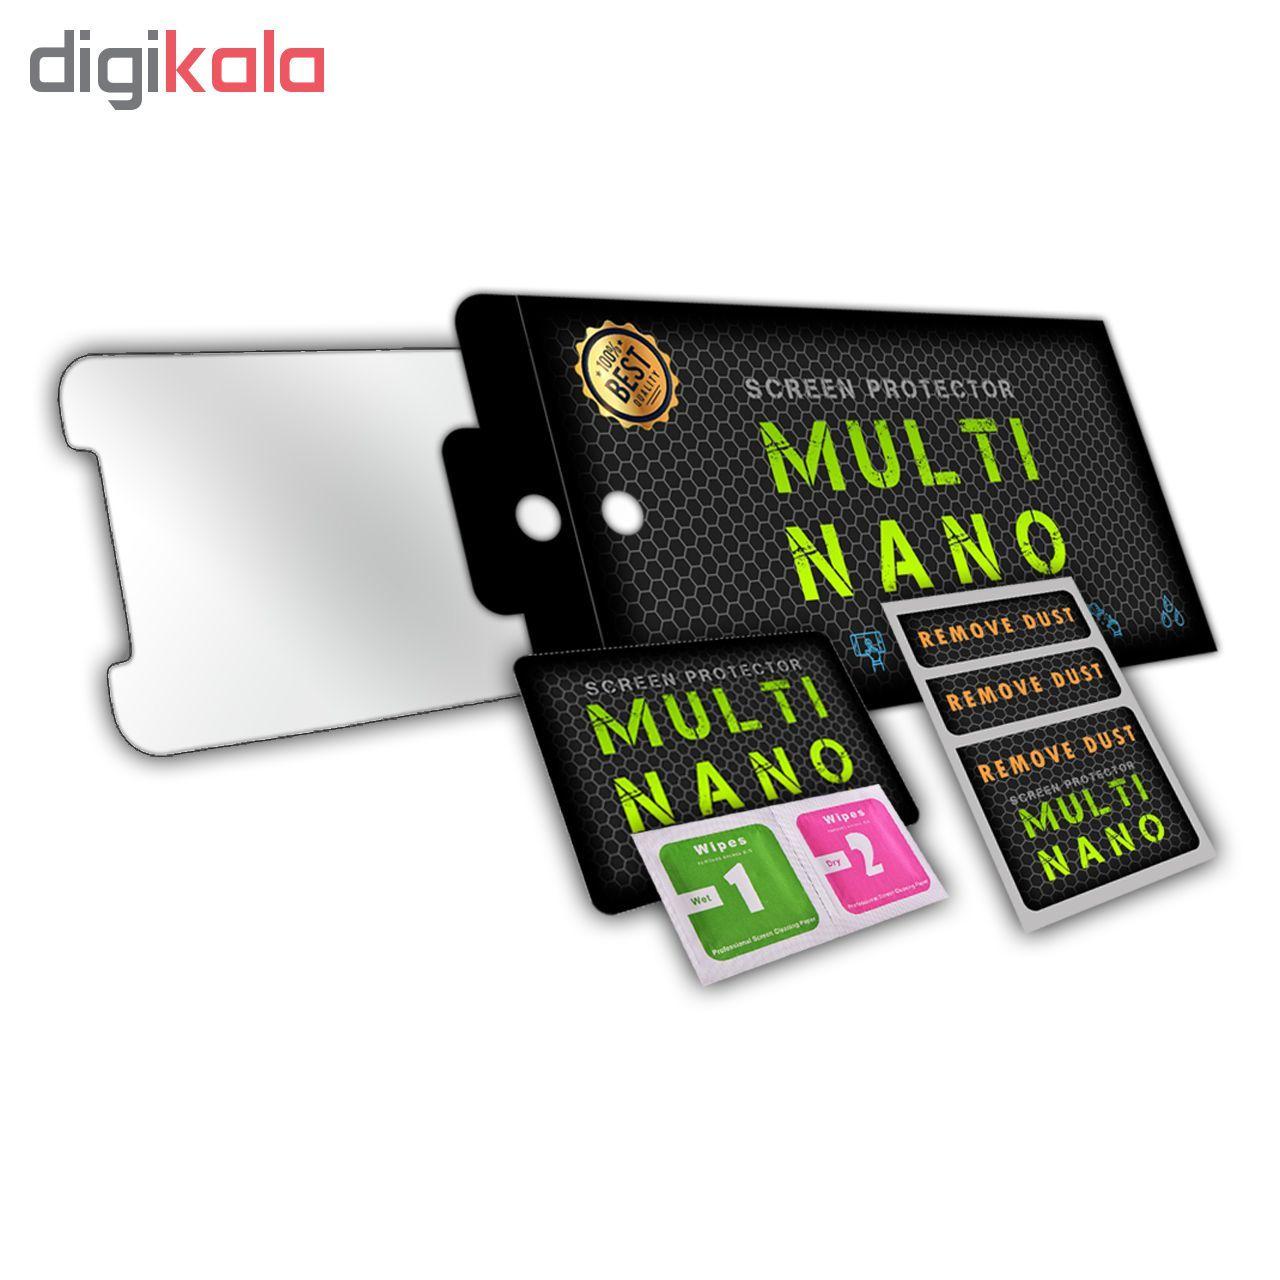 محافظ پشت گوشی مولتی نانو شیشه ای مدل Matte مناسب برای گوشی موبایل اپل iPhone 6 Plus / 6S Plus main 1 3